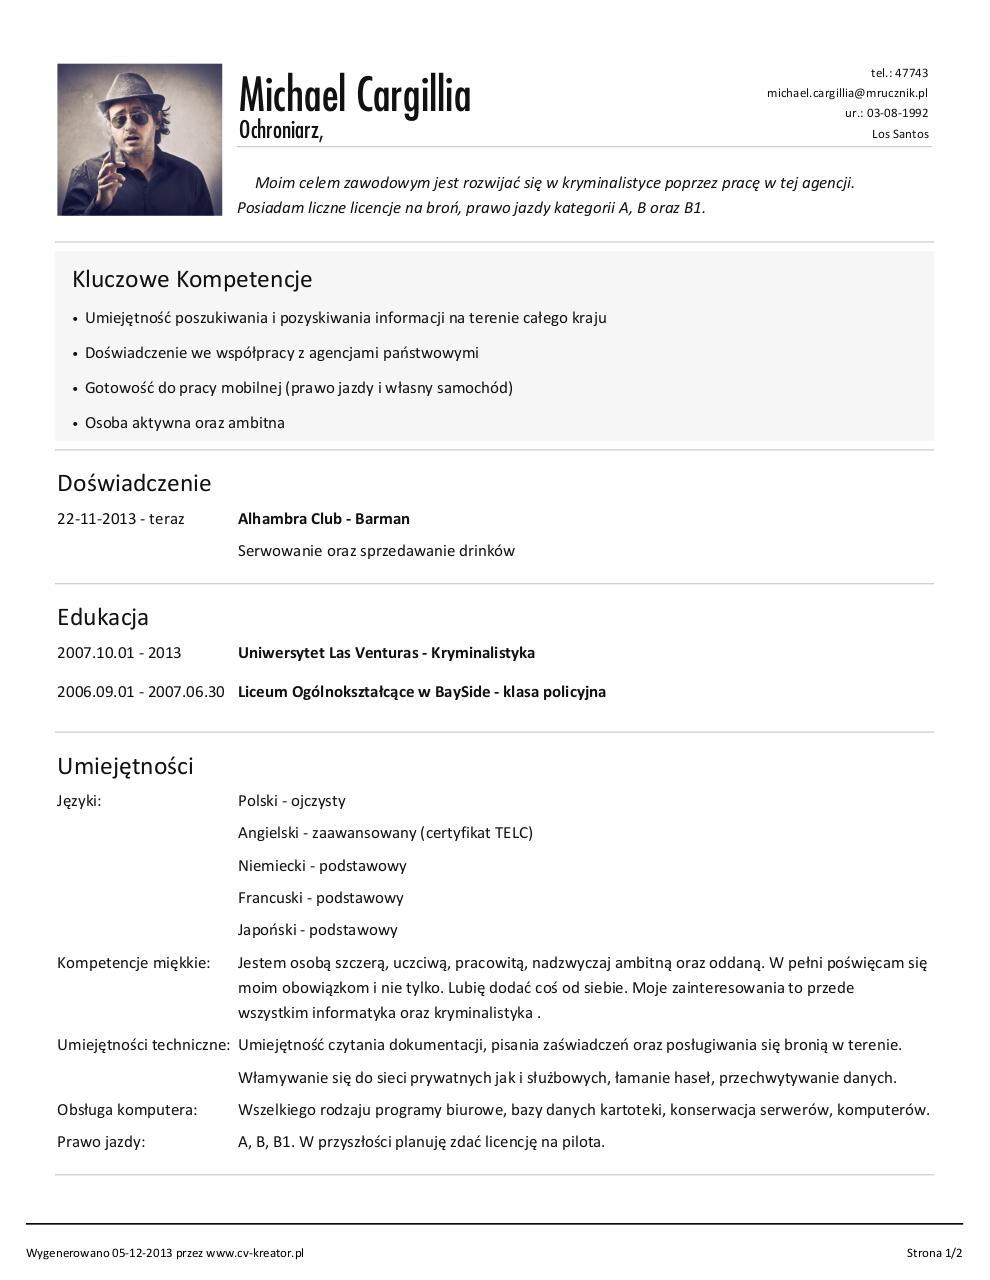 cv michael cargillia pdf pdf archive ambitna do347wiadczenie 22 11 2013 teraz alhambra club barman serwowanie oraz sprzedawanie drinkoacutew edukacja 2007 10 01 2013 uniwersytet las venturas